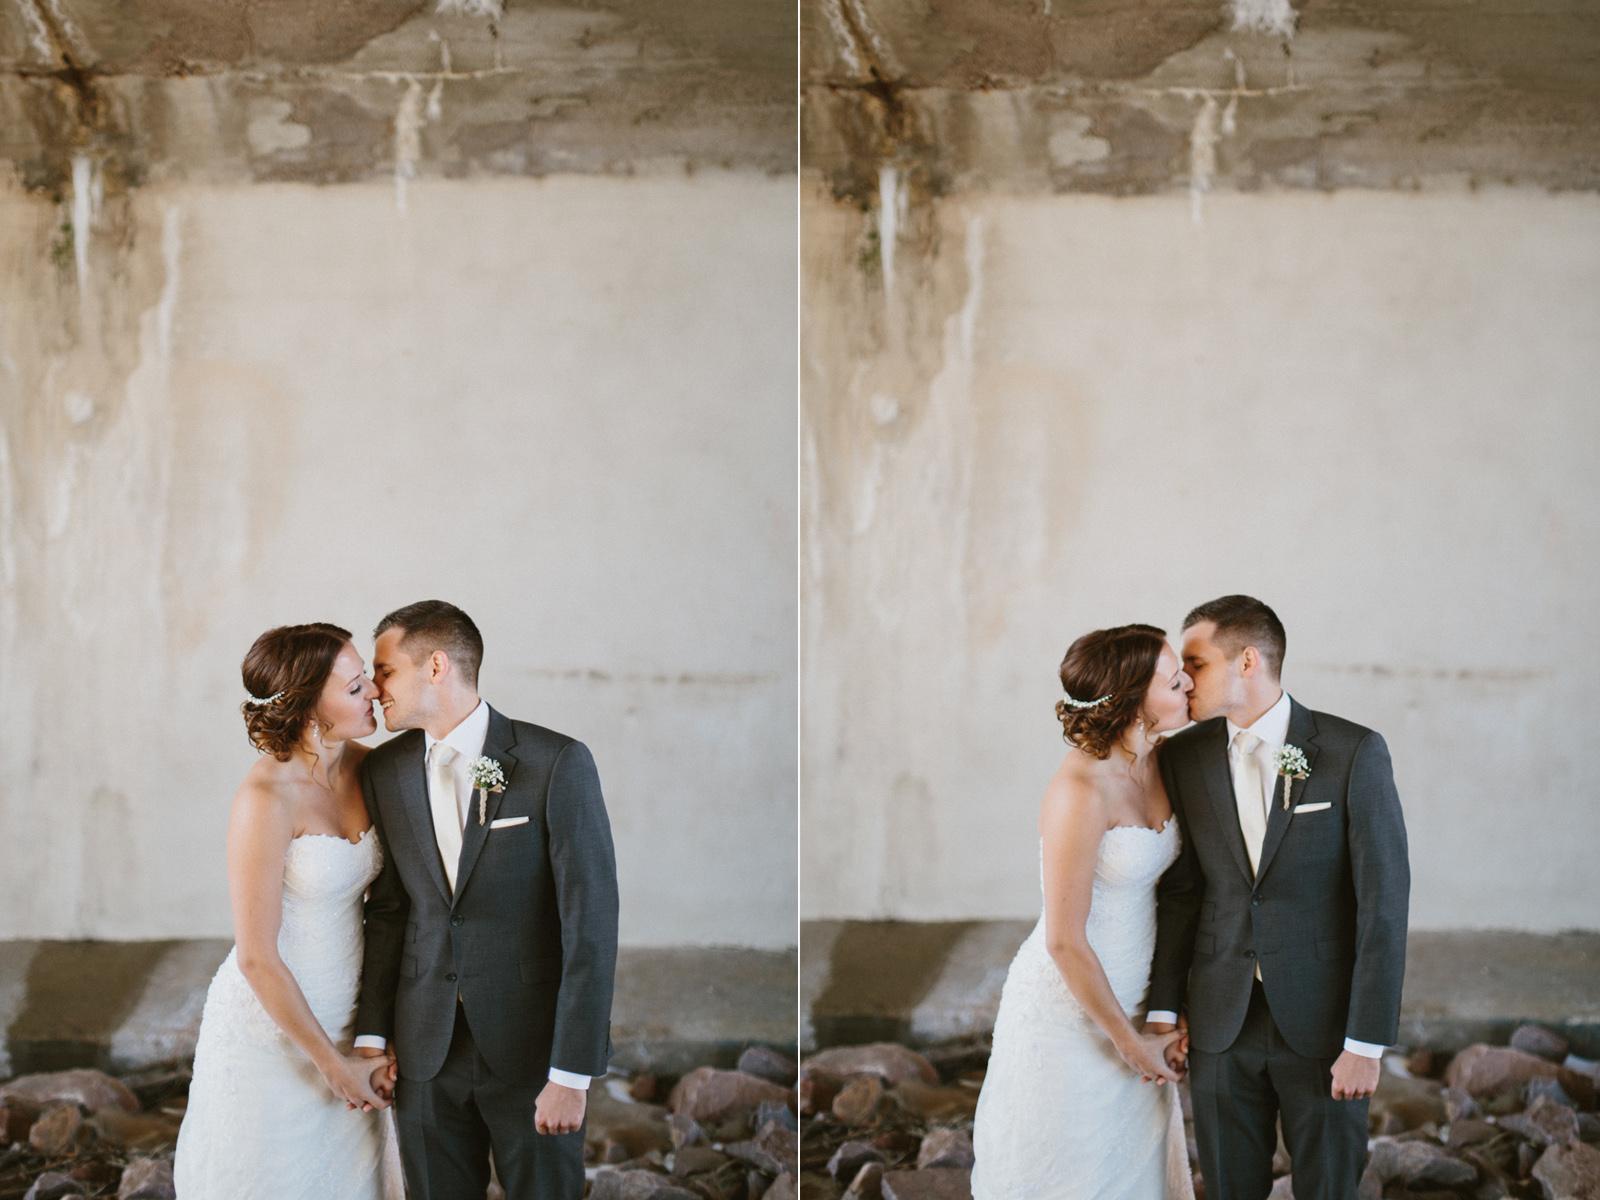 israel&aubrey_siouxfalls_wedding_photographer_45.jpg